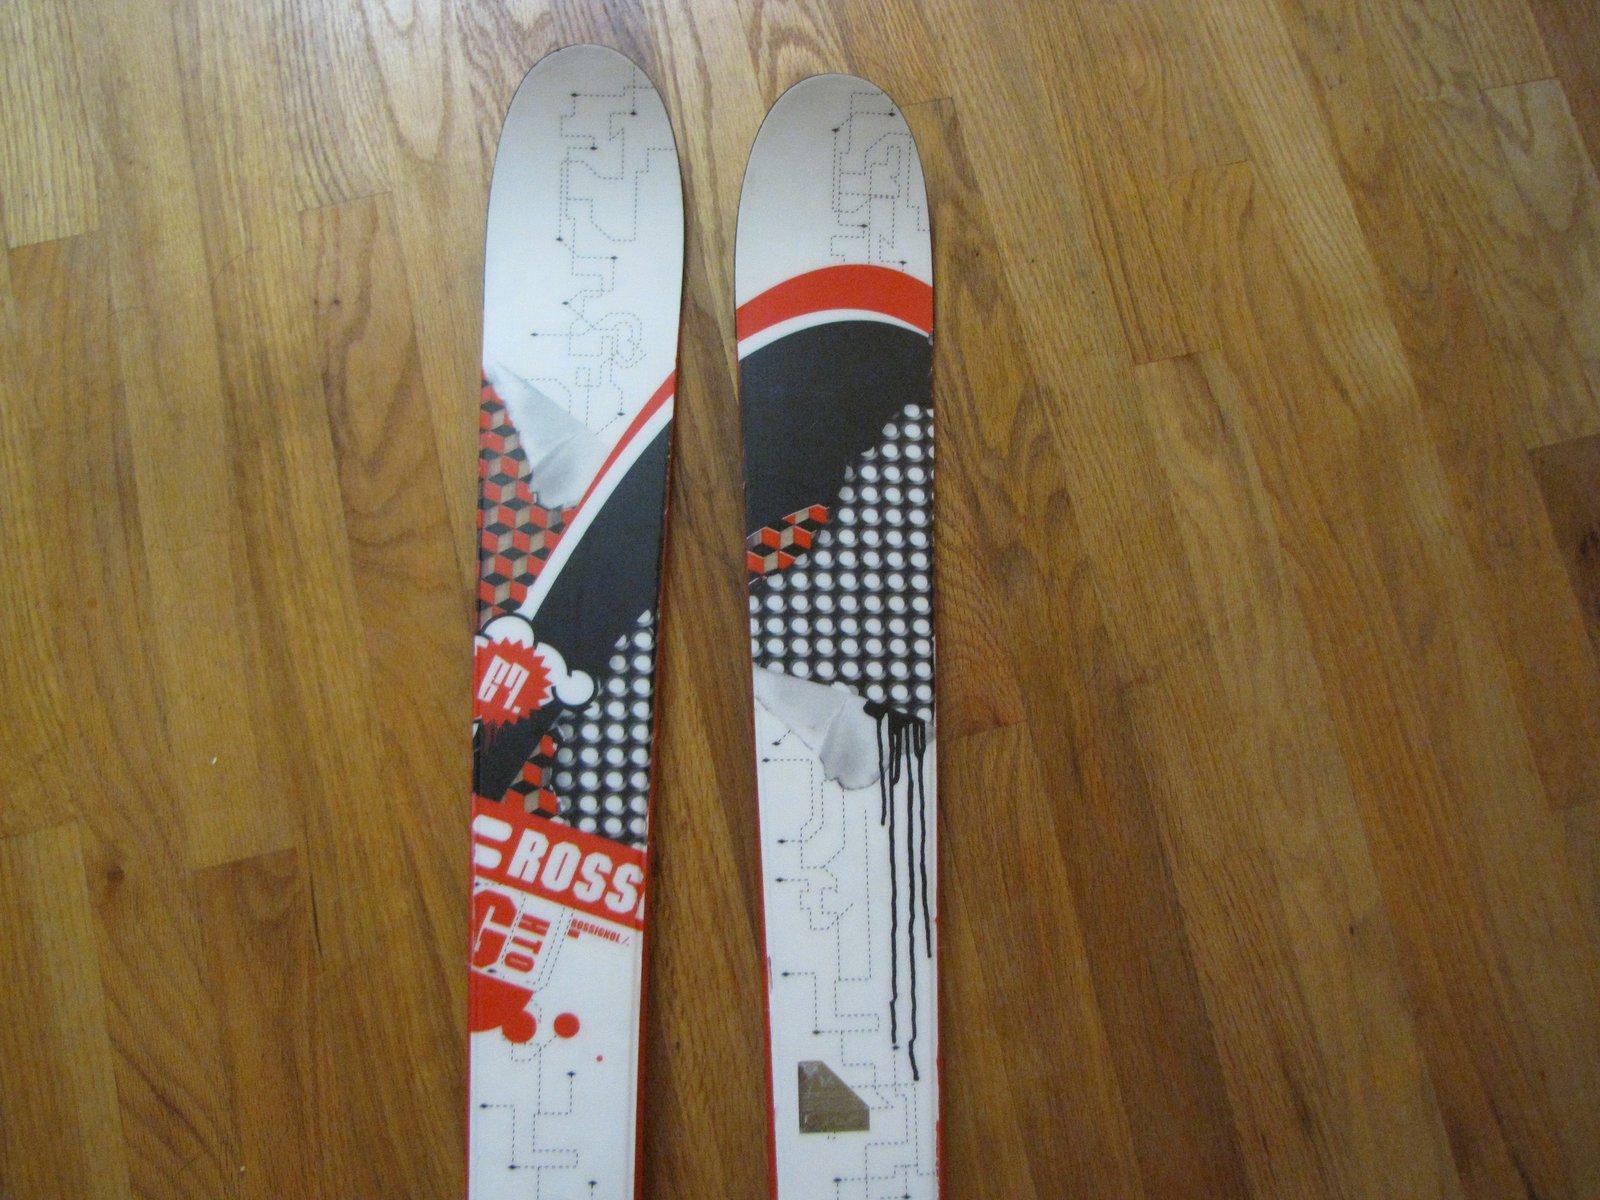 2008 Rossignol Ghetto skis 167cm